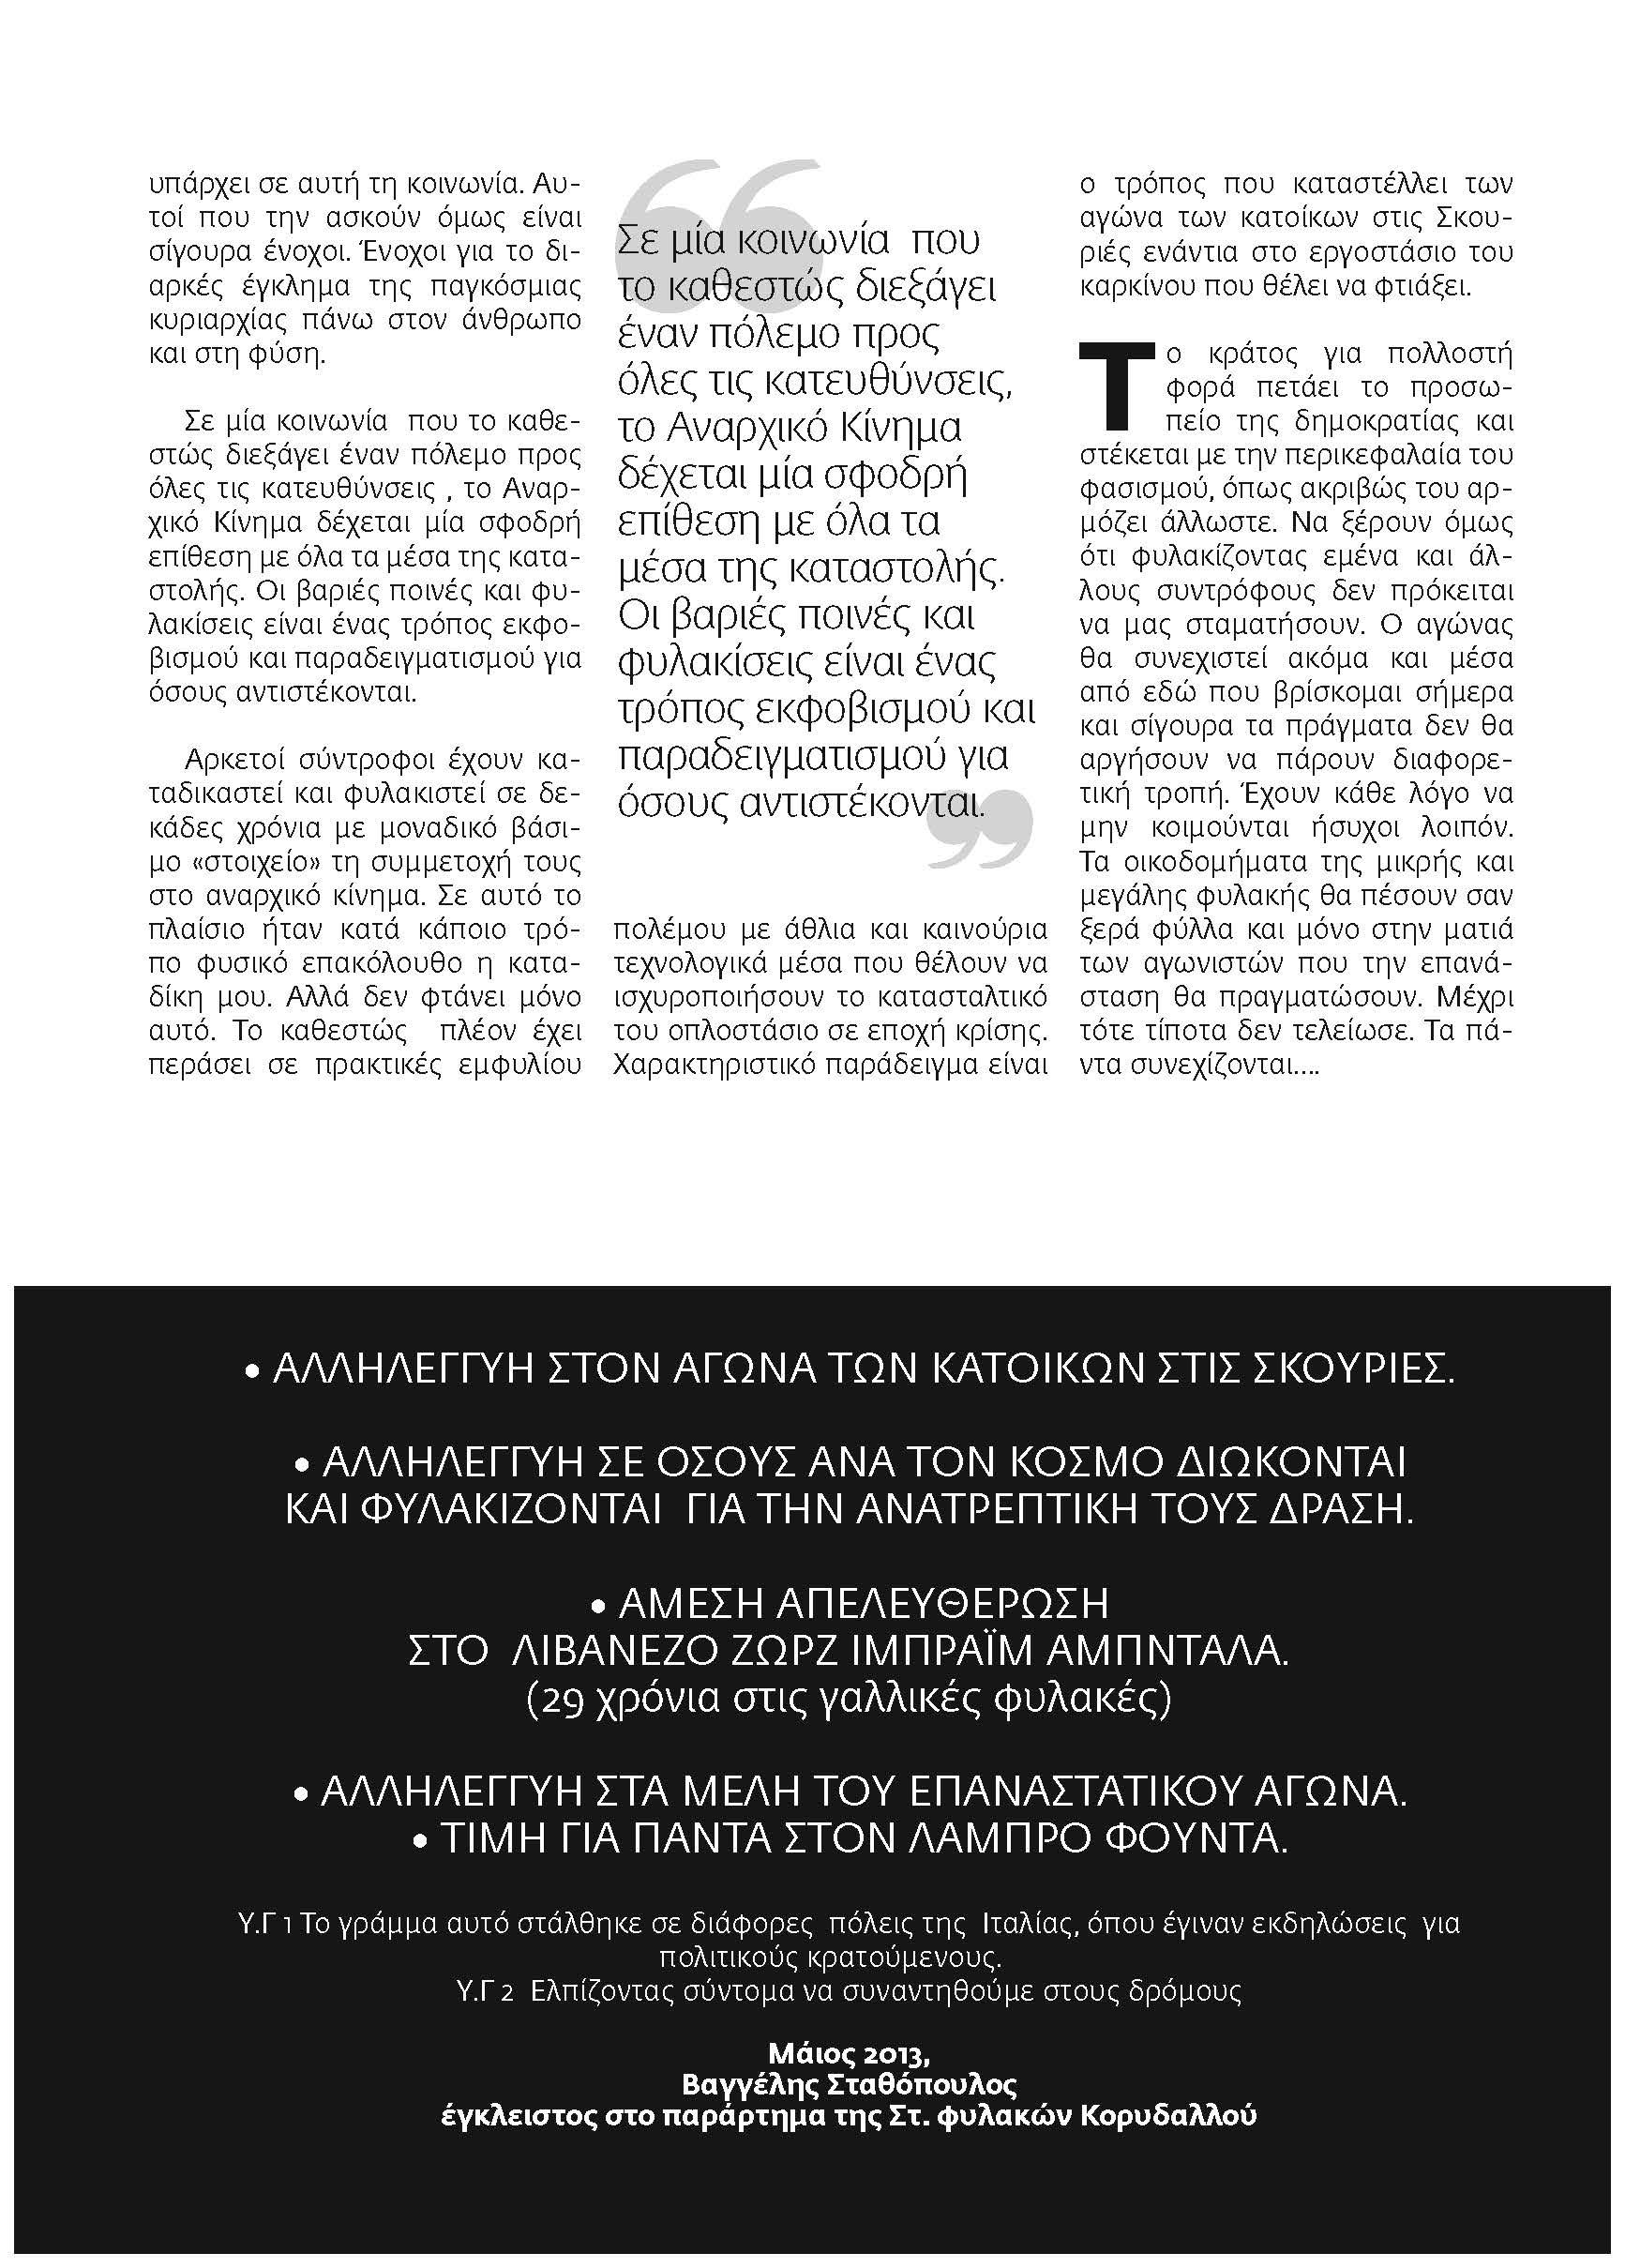 gramma-apo ti-filaki-internet (2)_Page_4